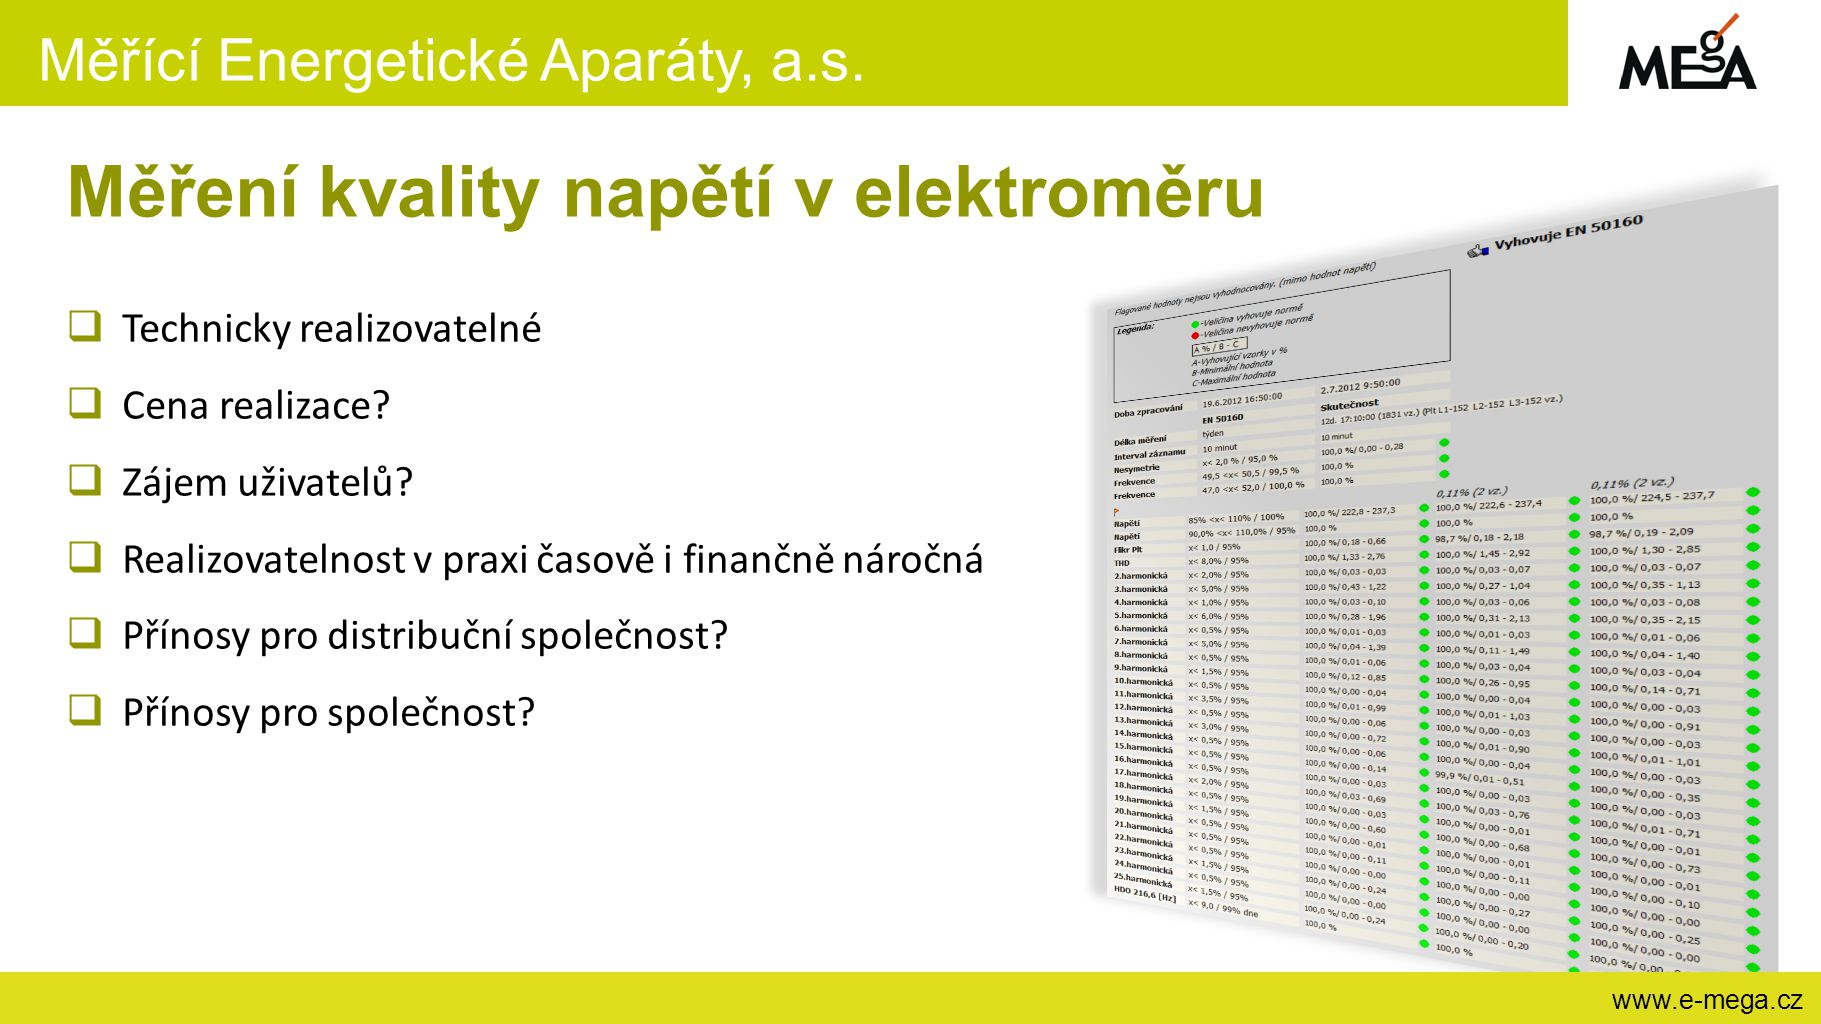 Měřící Energetické Aparáty, a.s. www.e-mega.cz Měření kvality napětí v elektroměru  Technicky realizovatelné  Cena realizace?  Zájem uživatelů?  R